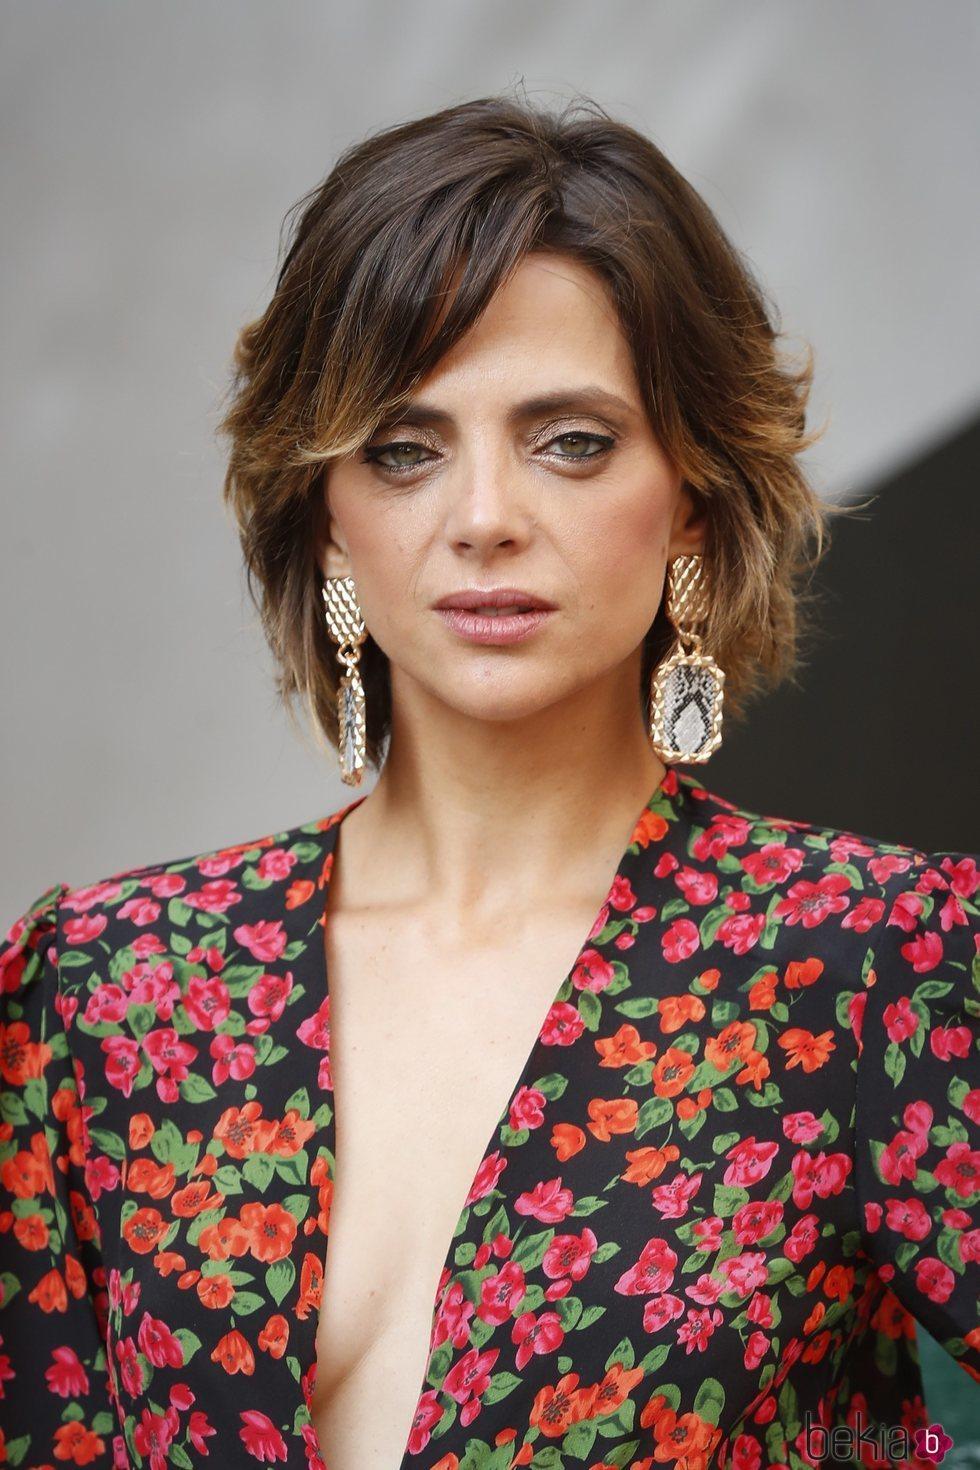 Macarena Gómez con el cabello corto en la apertura del Festival de Cine de Venecia 2018